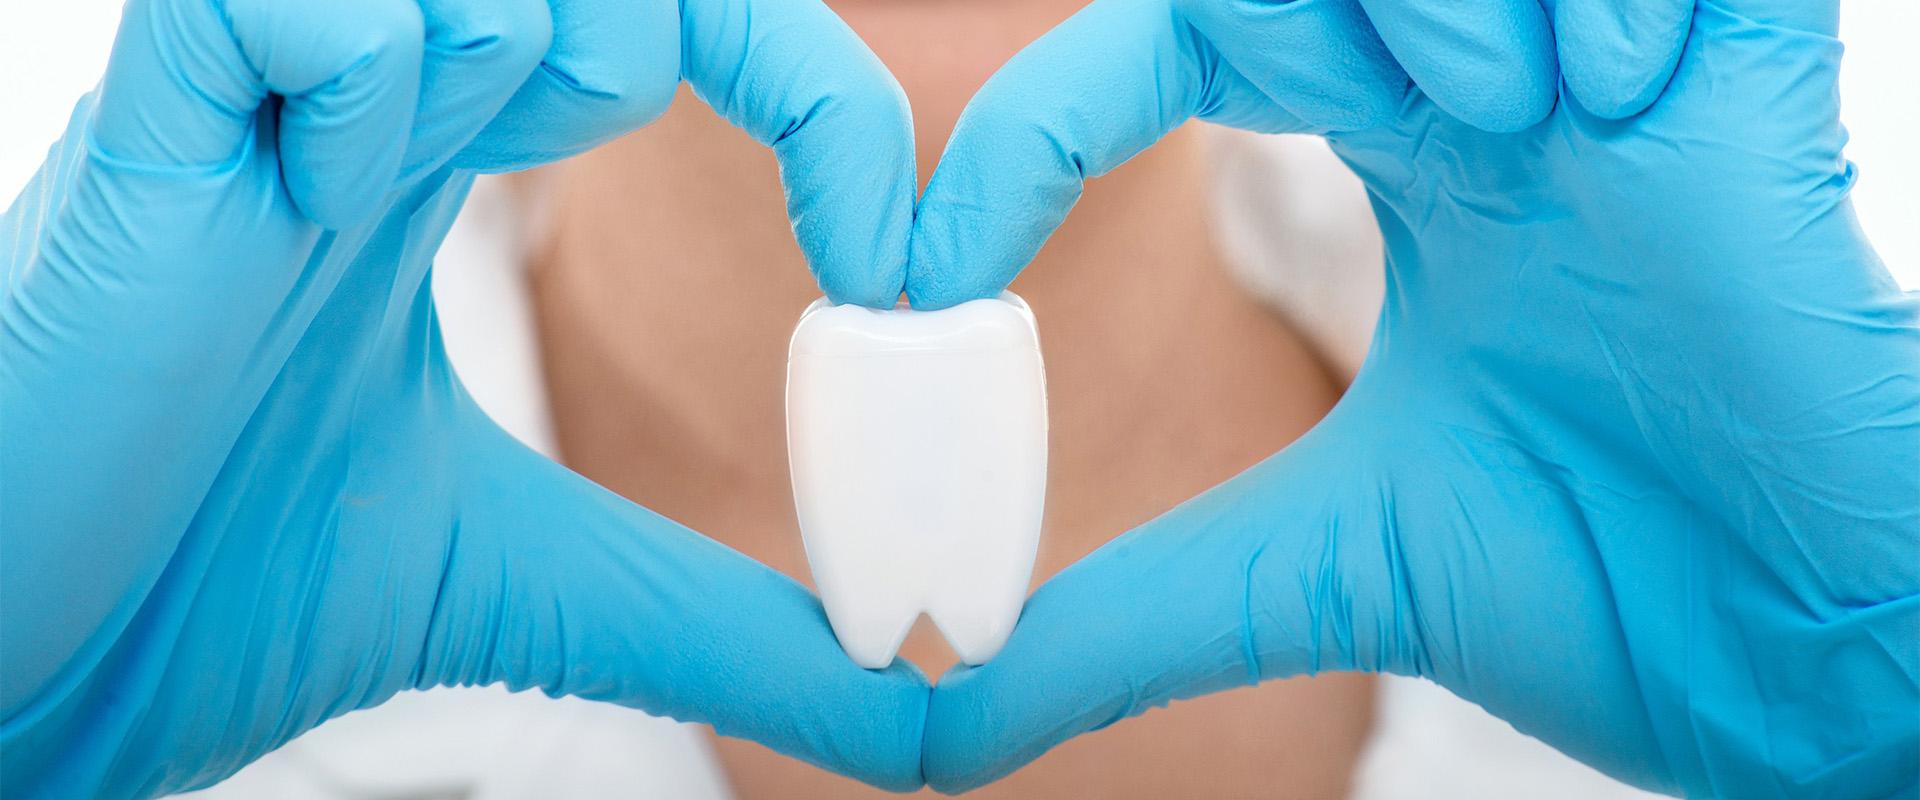 Полный комплекс стоматологических услуг по доступным ценам!